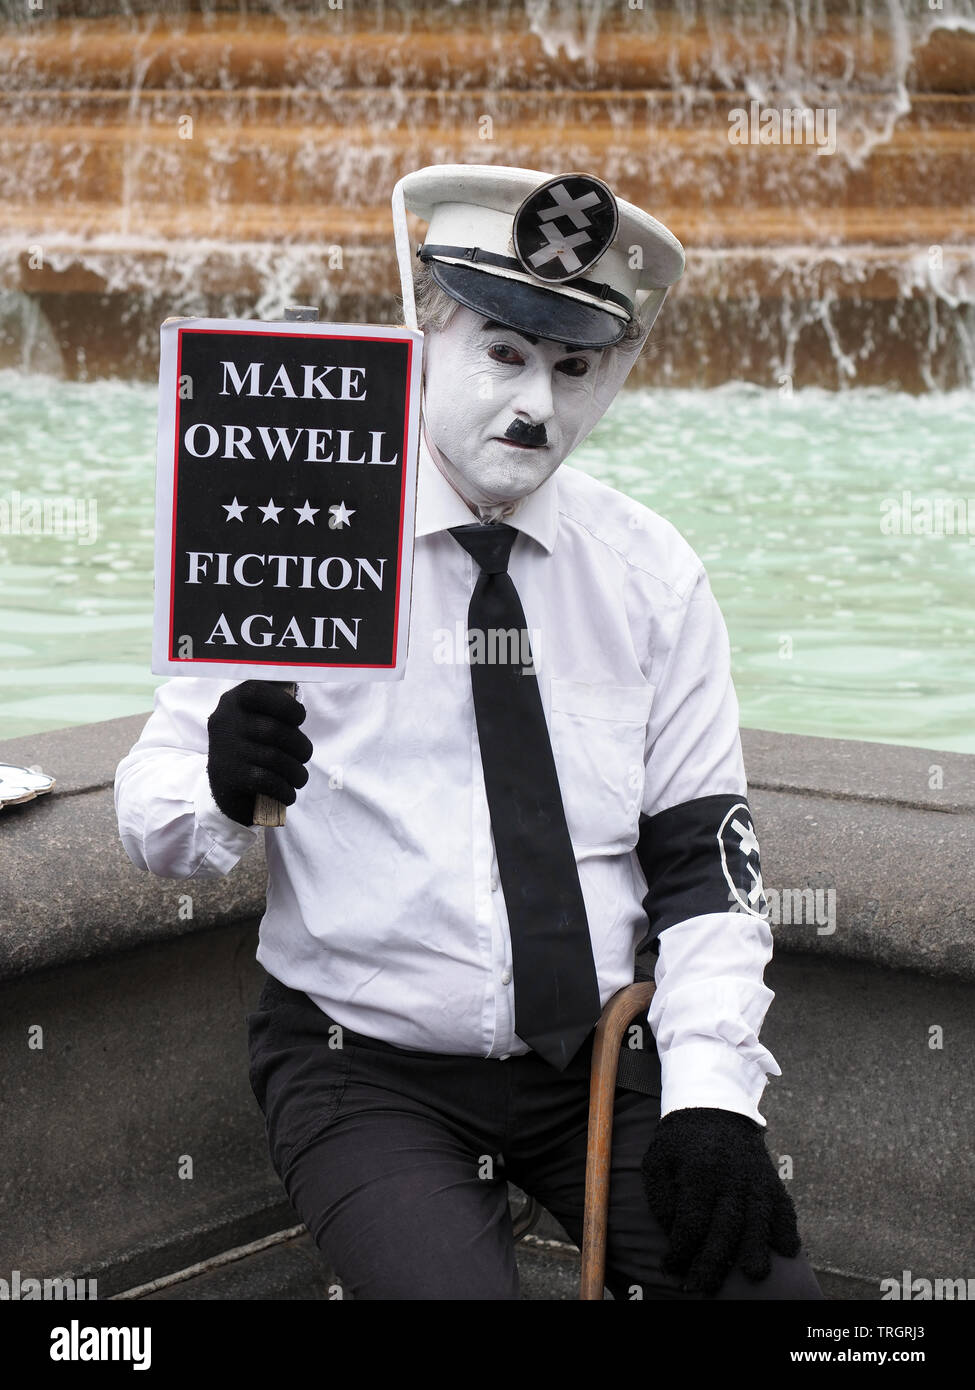 Vue d'un manifestant habillé comme Le Grand Dictateur Hynkel adénoïde à l'emporter sur Mars à Londres en juin 2019 Photo Stock